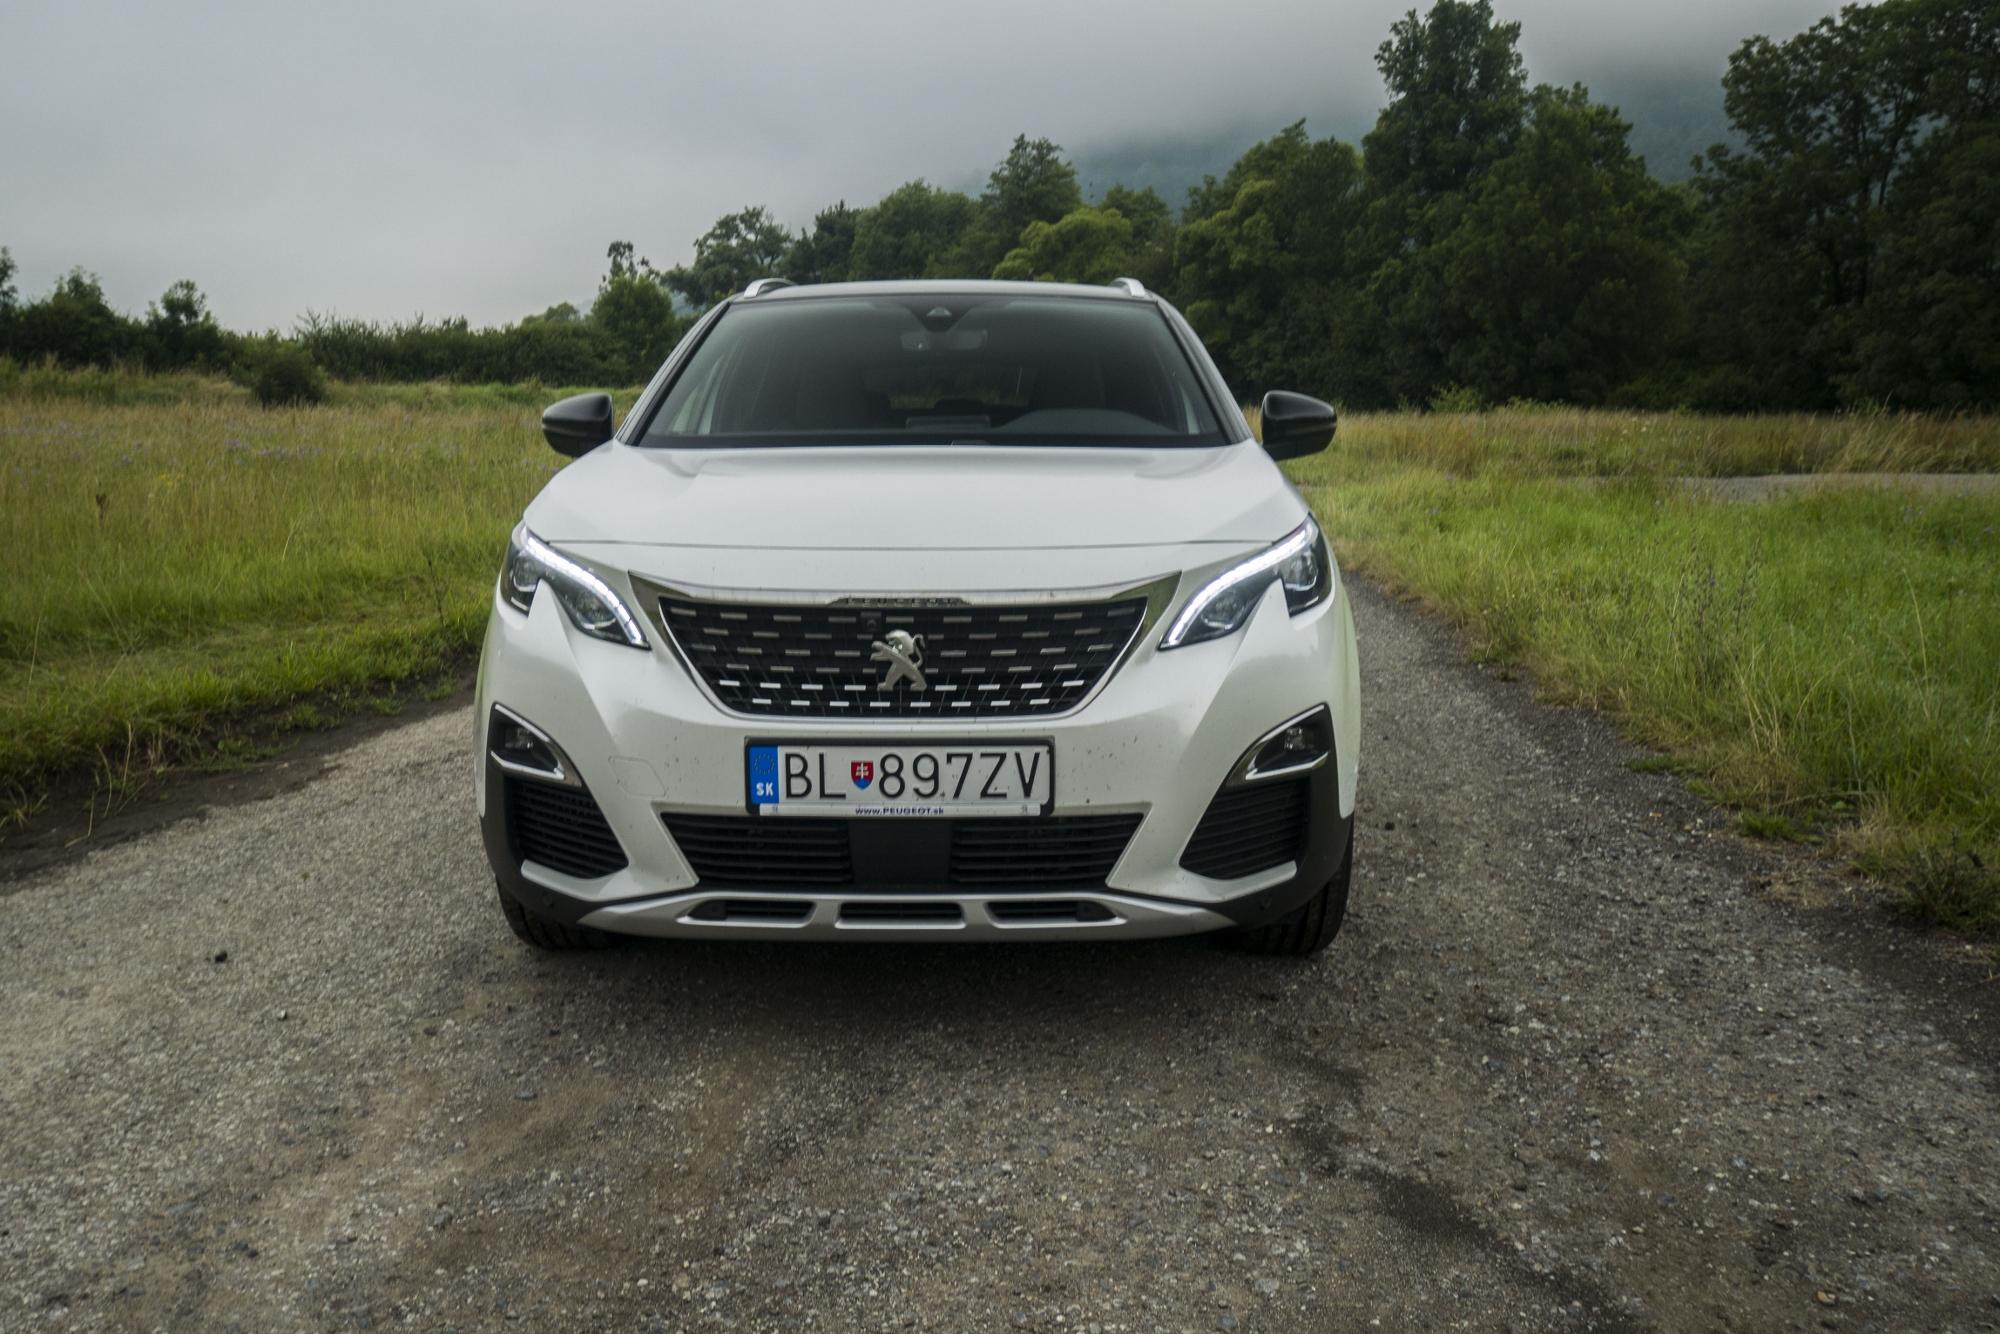 Test: Peugeot 3008 posúva schopnosti plug in hybridov TGFwbqT6ja peugeot-3008-hybrid4-13